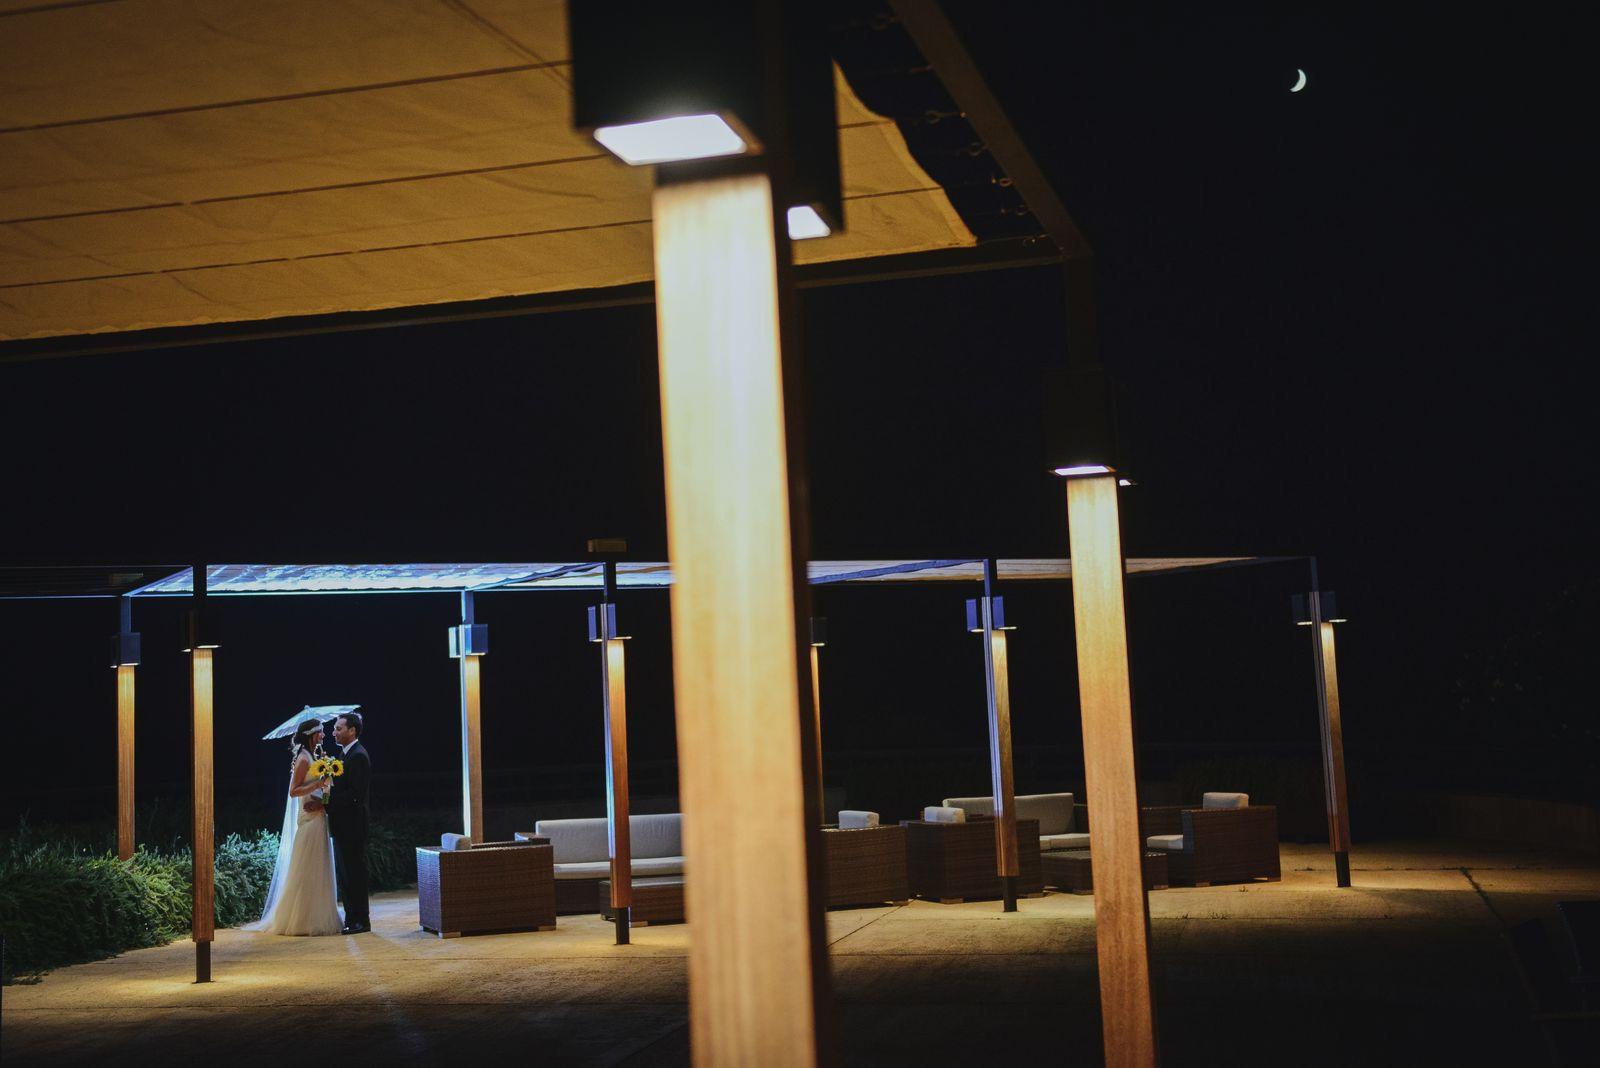 fotografo bodas mallorca 009.jpg